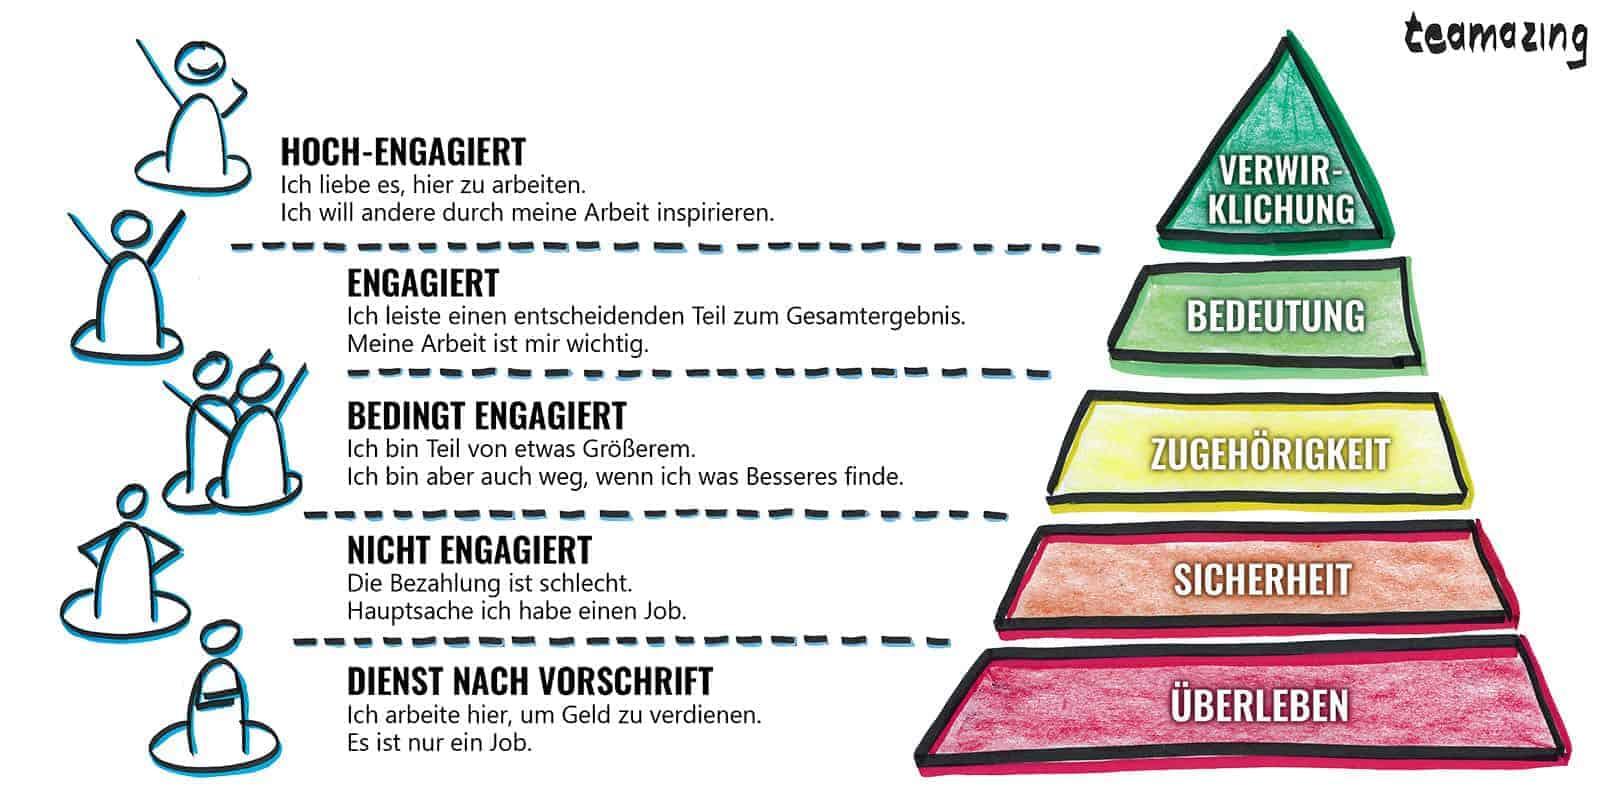 Maslows Bedürfnispyramide für Mitarbeiterengagement für Führungskräfte